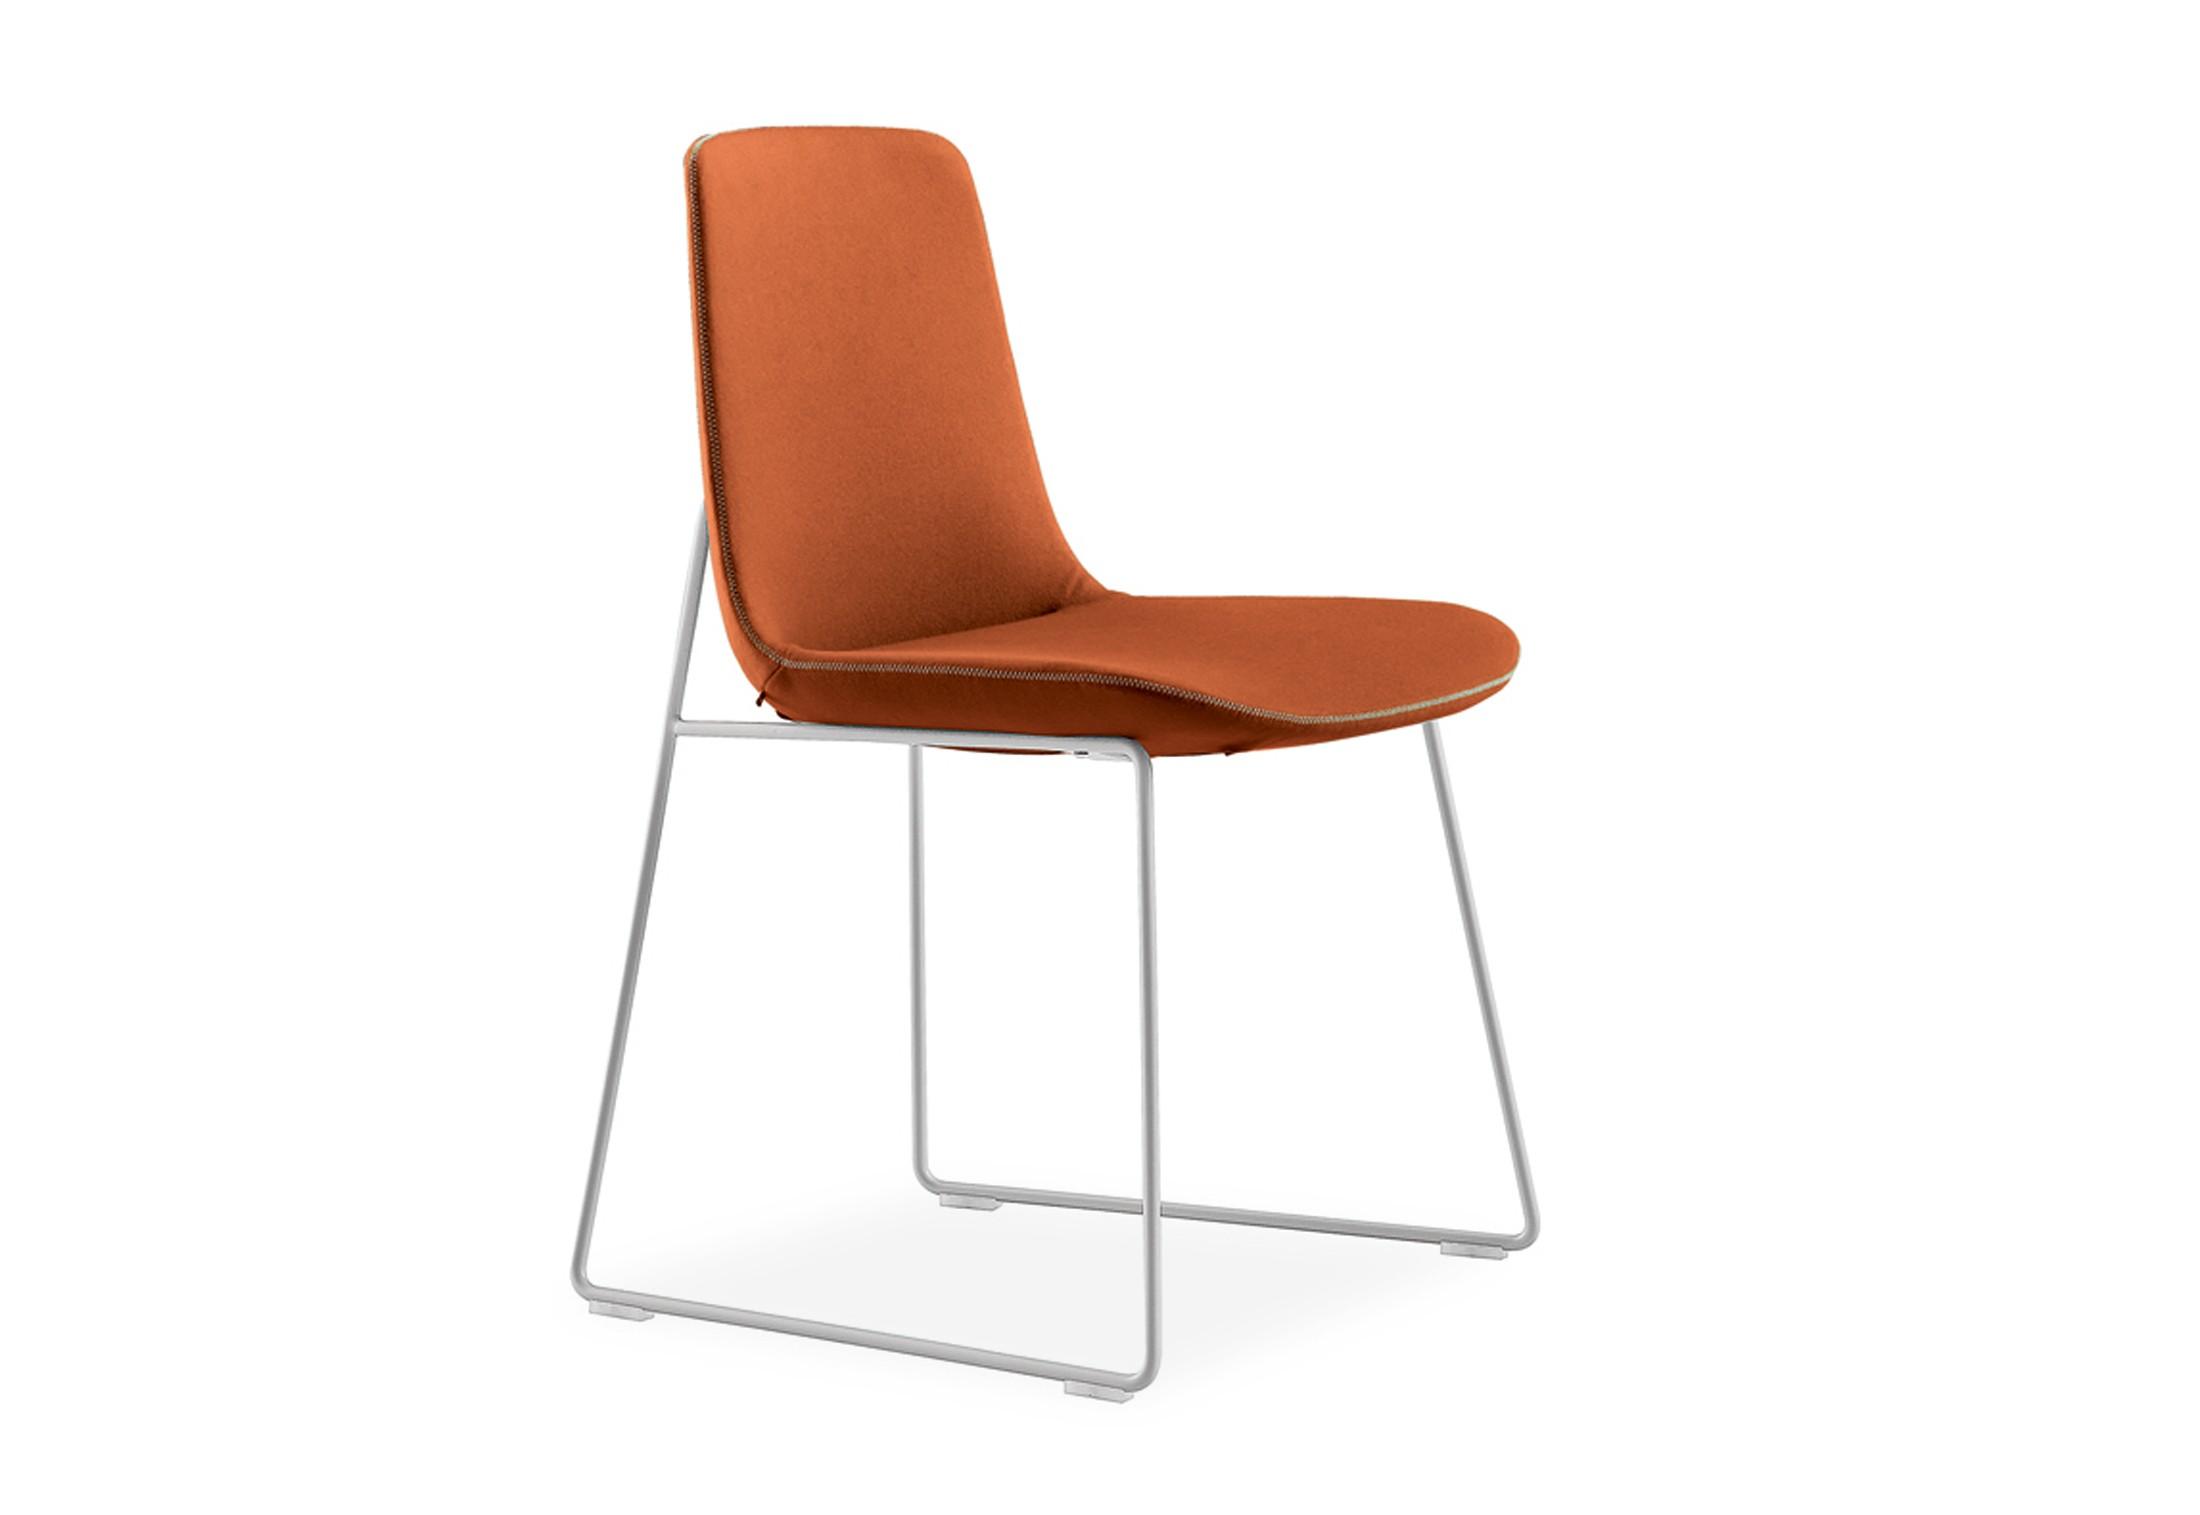 Superieur Poliform Ventura Sled Base Chair